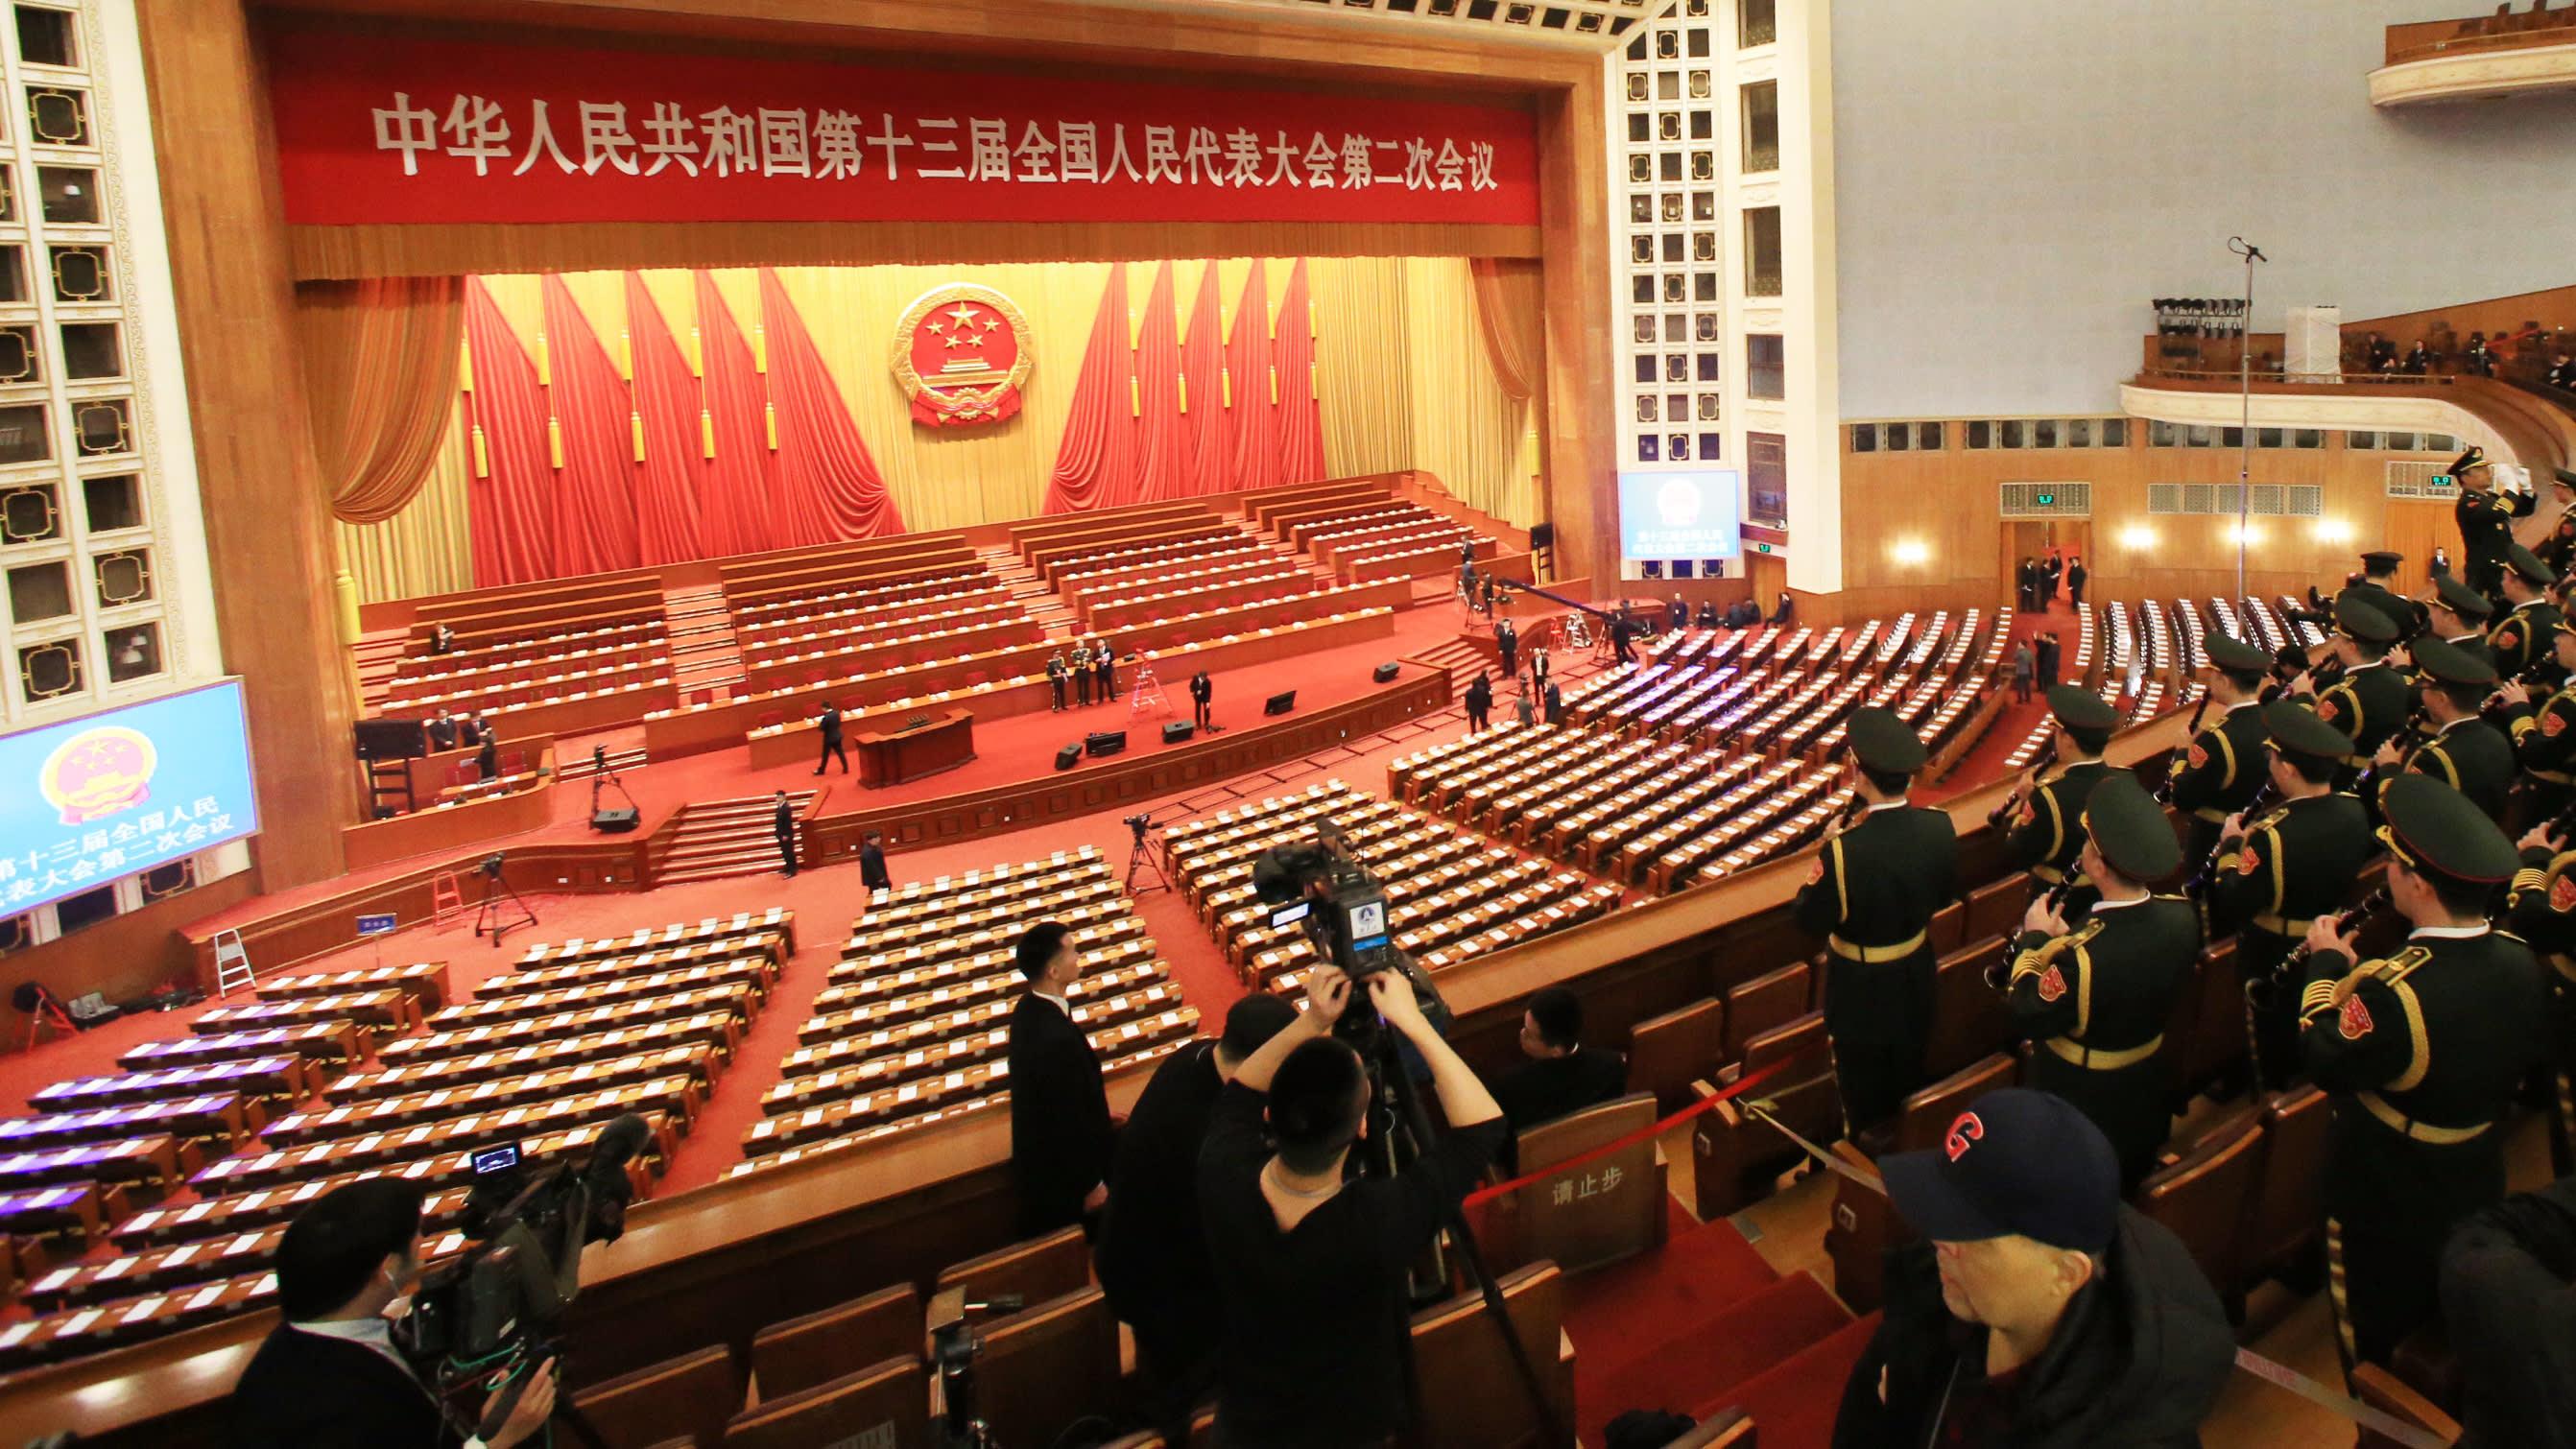 الصين تنتقد اتهامات ترامب لمنظمة الصحة العالمية بمحاباتها